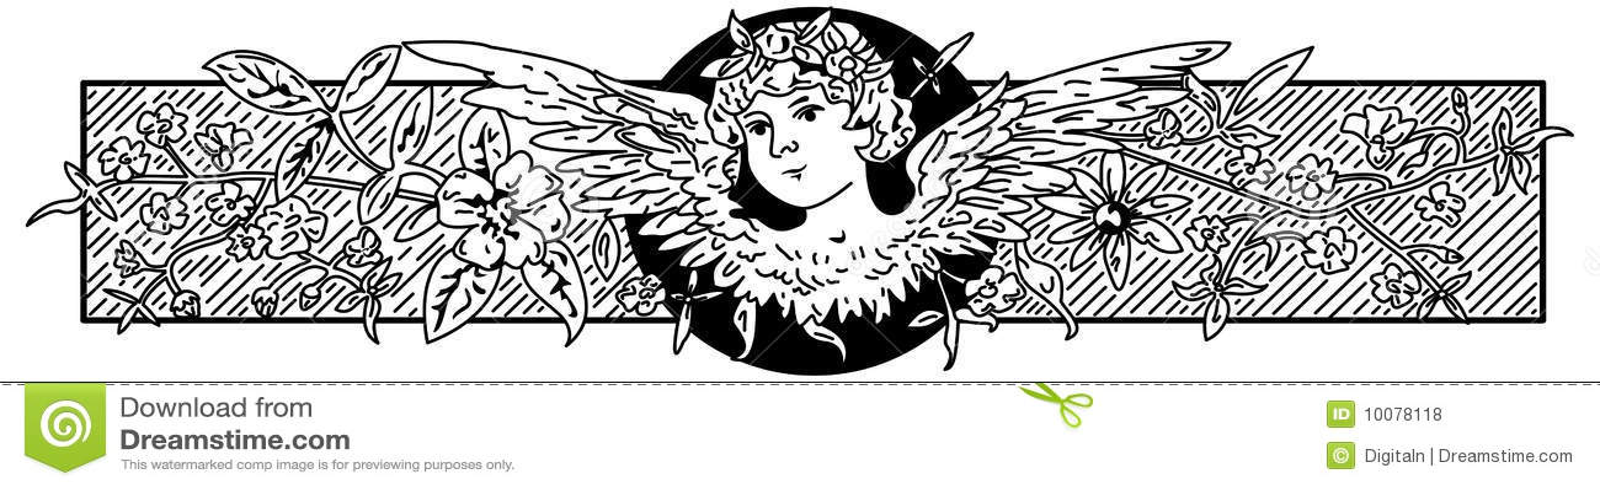 De barokke illustratie van de Engel